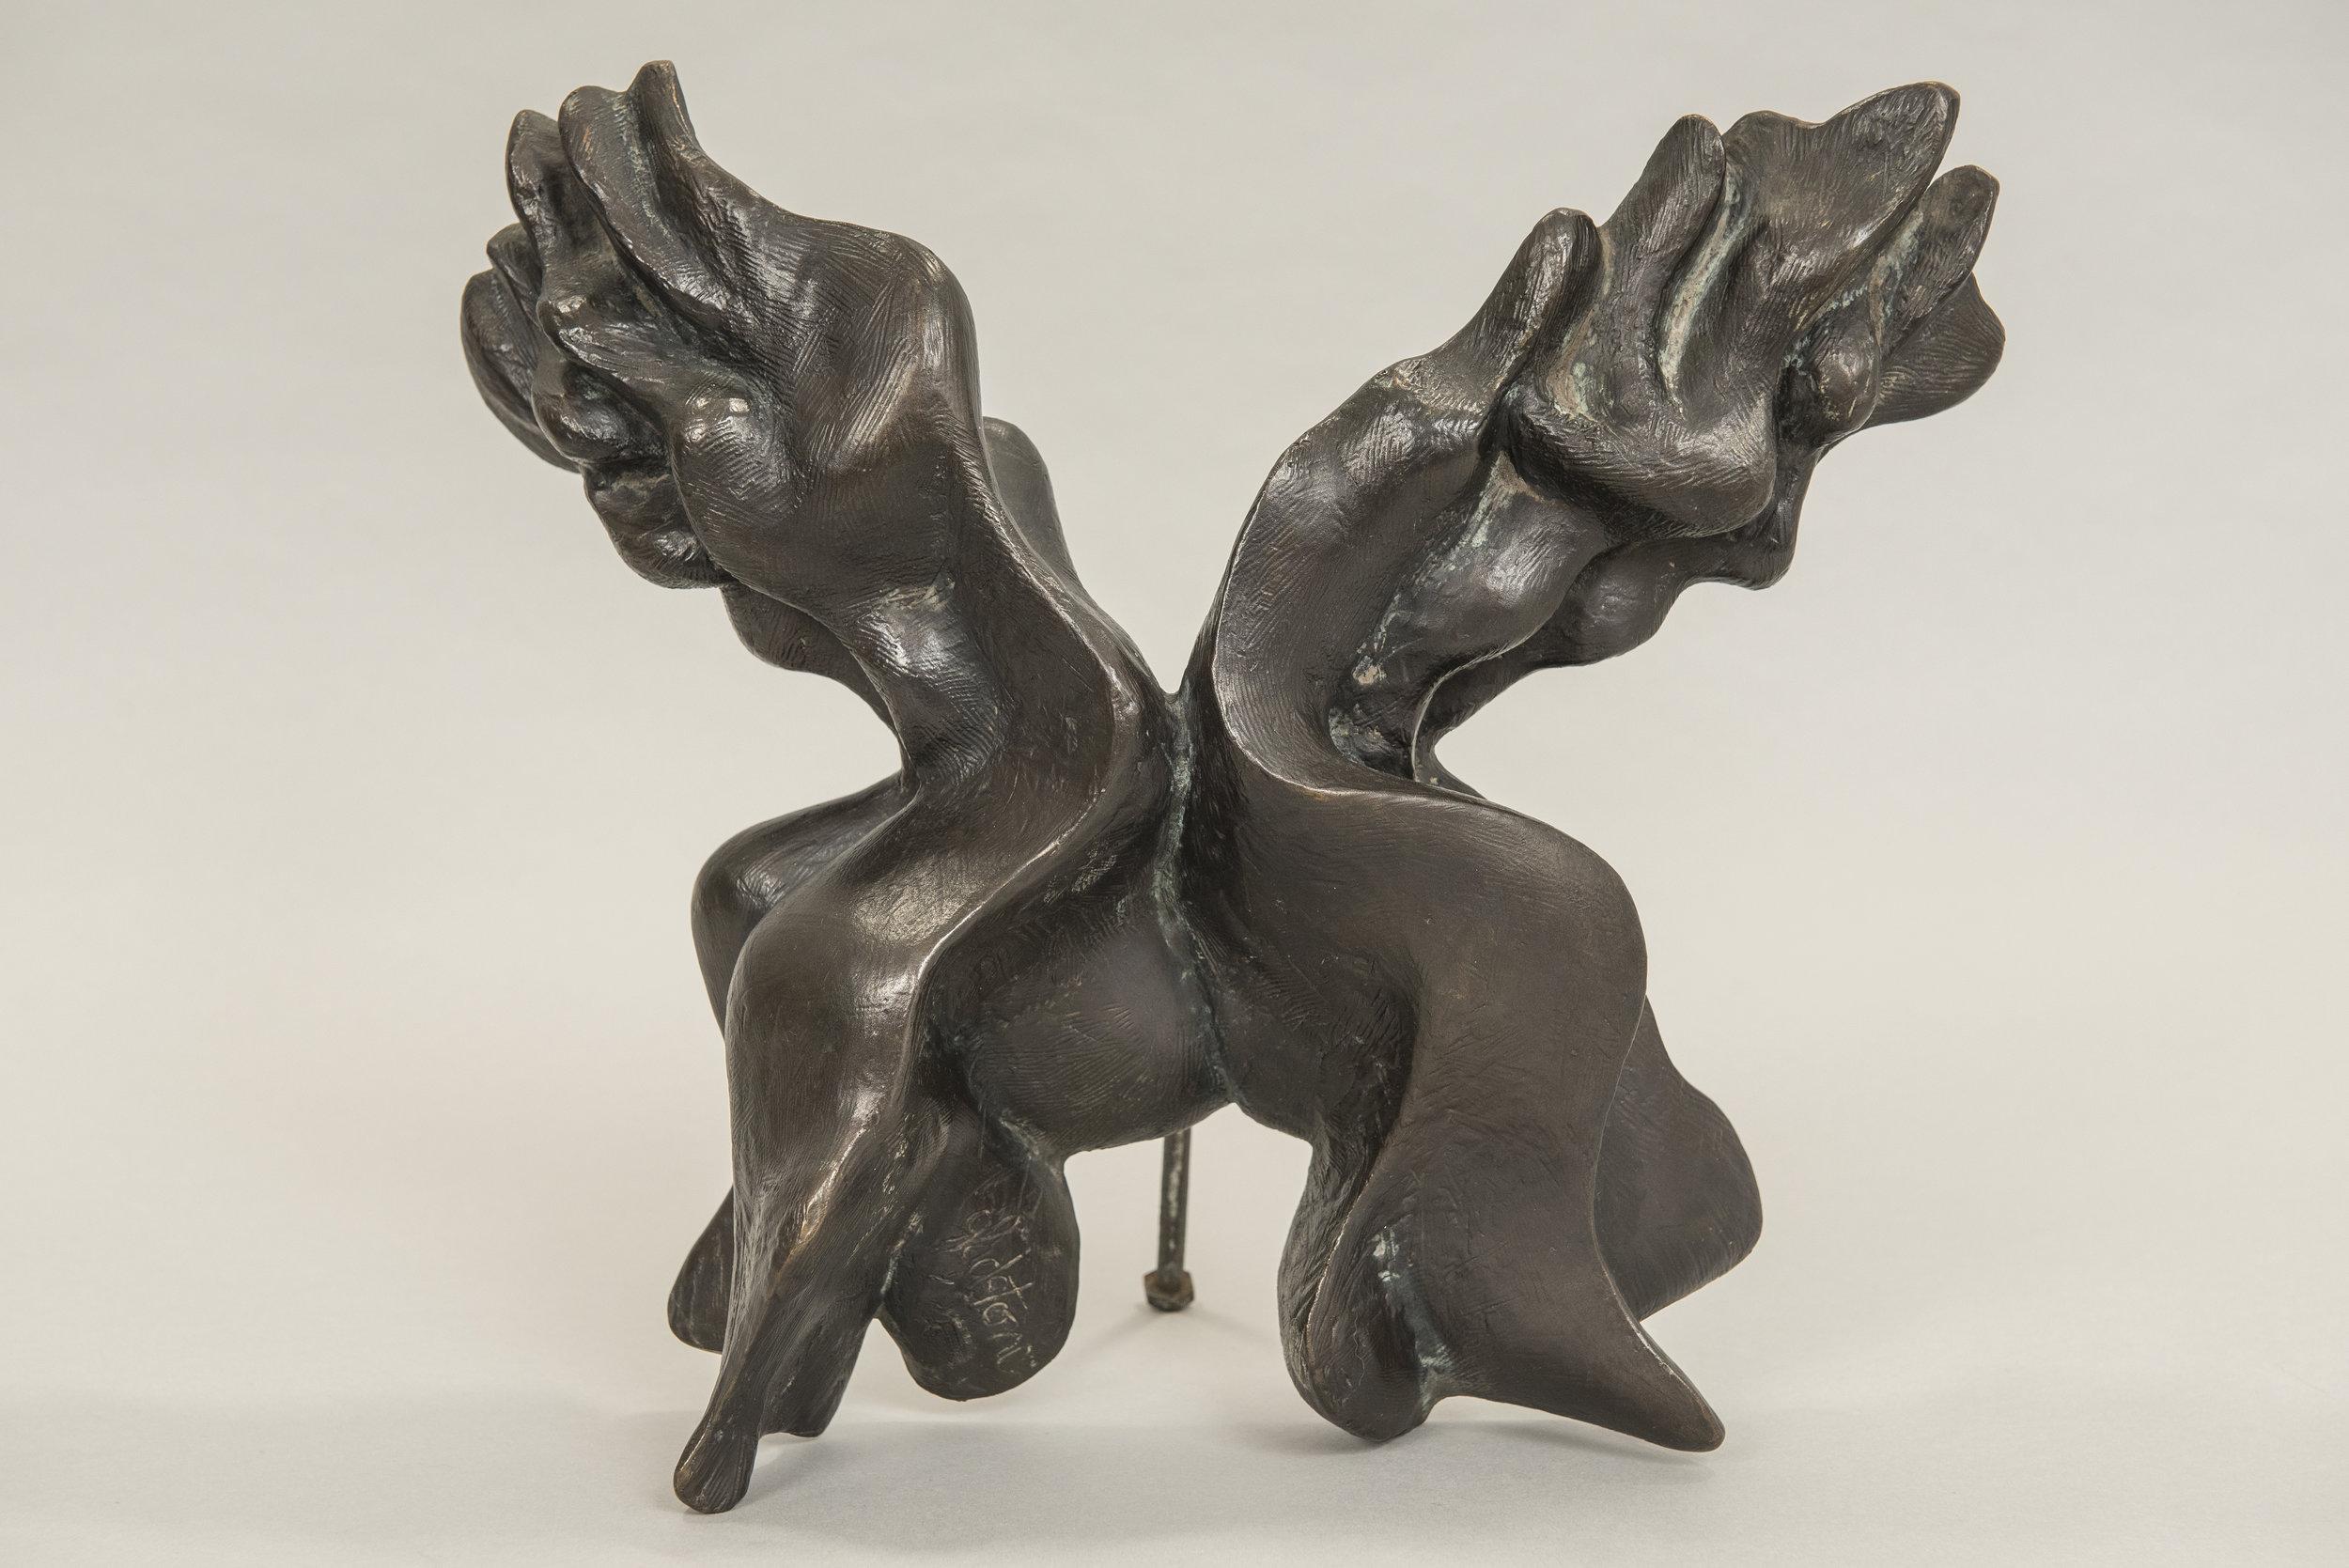 Two figures - bronze sculpture